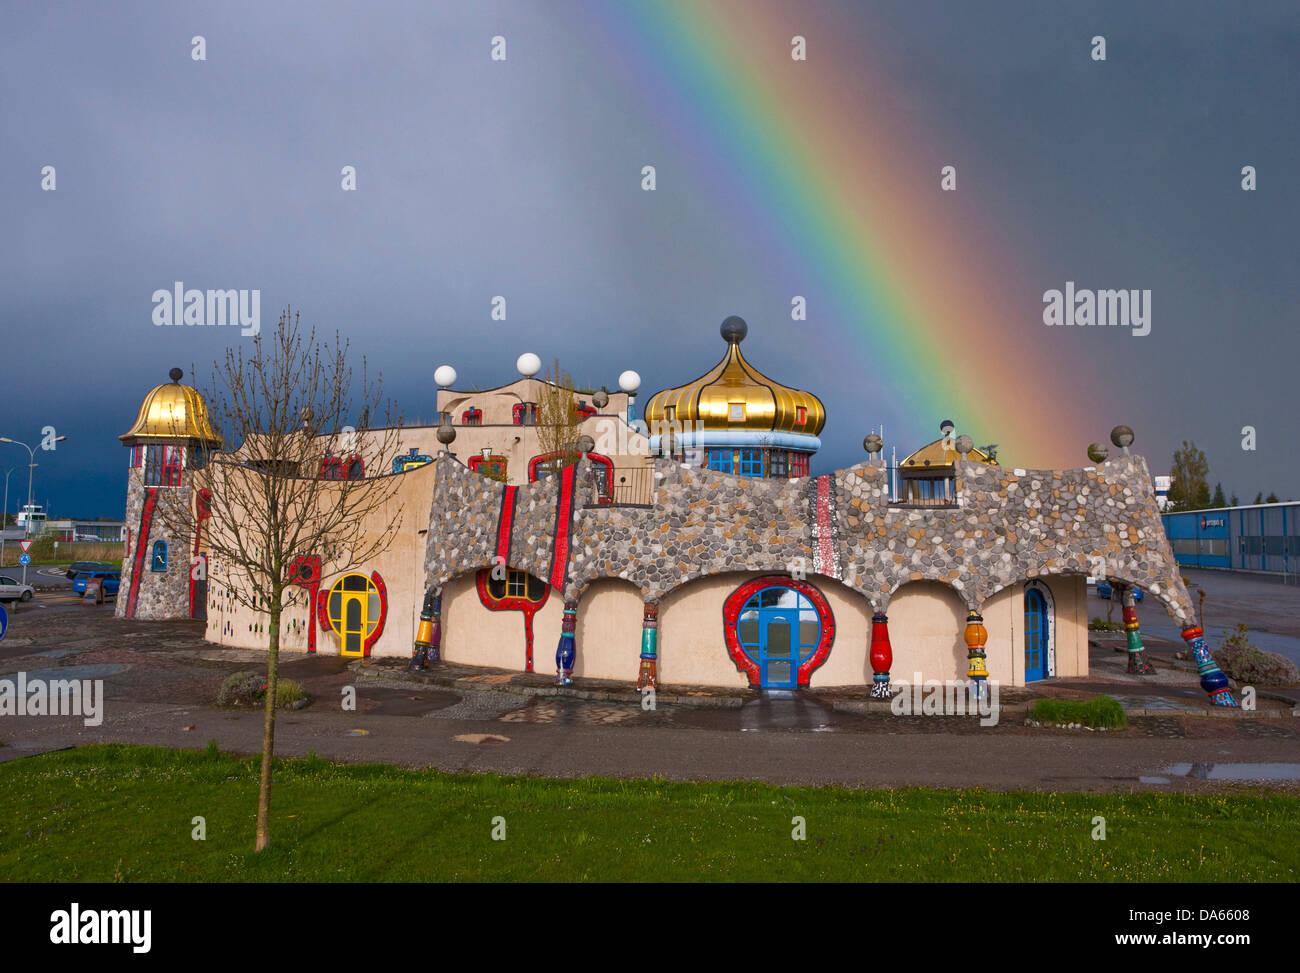 Hundertwasser, mercado cubierto, arquitectura, cultura, cantón, SG, St. Gallen, Suiza, Europa, Altenrhein Imagen De Stock